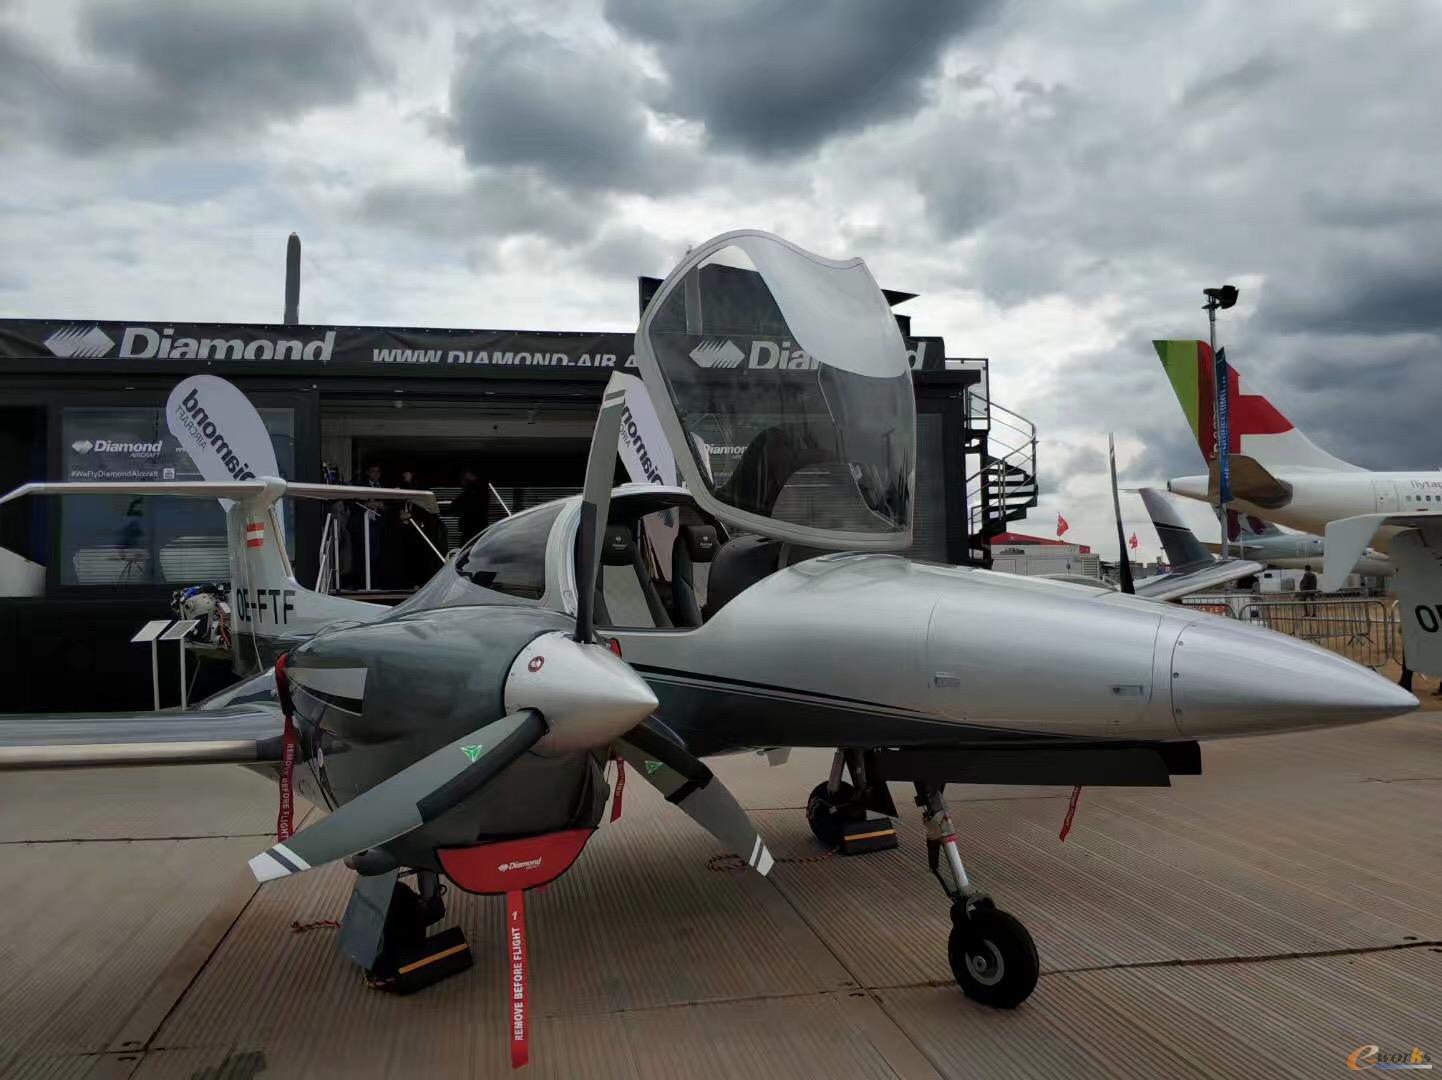 航空展静态展示区的部分机型